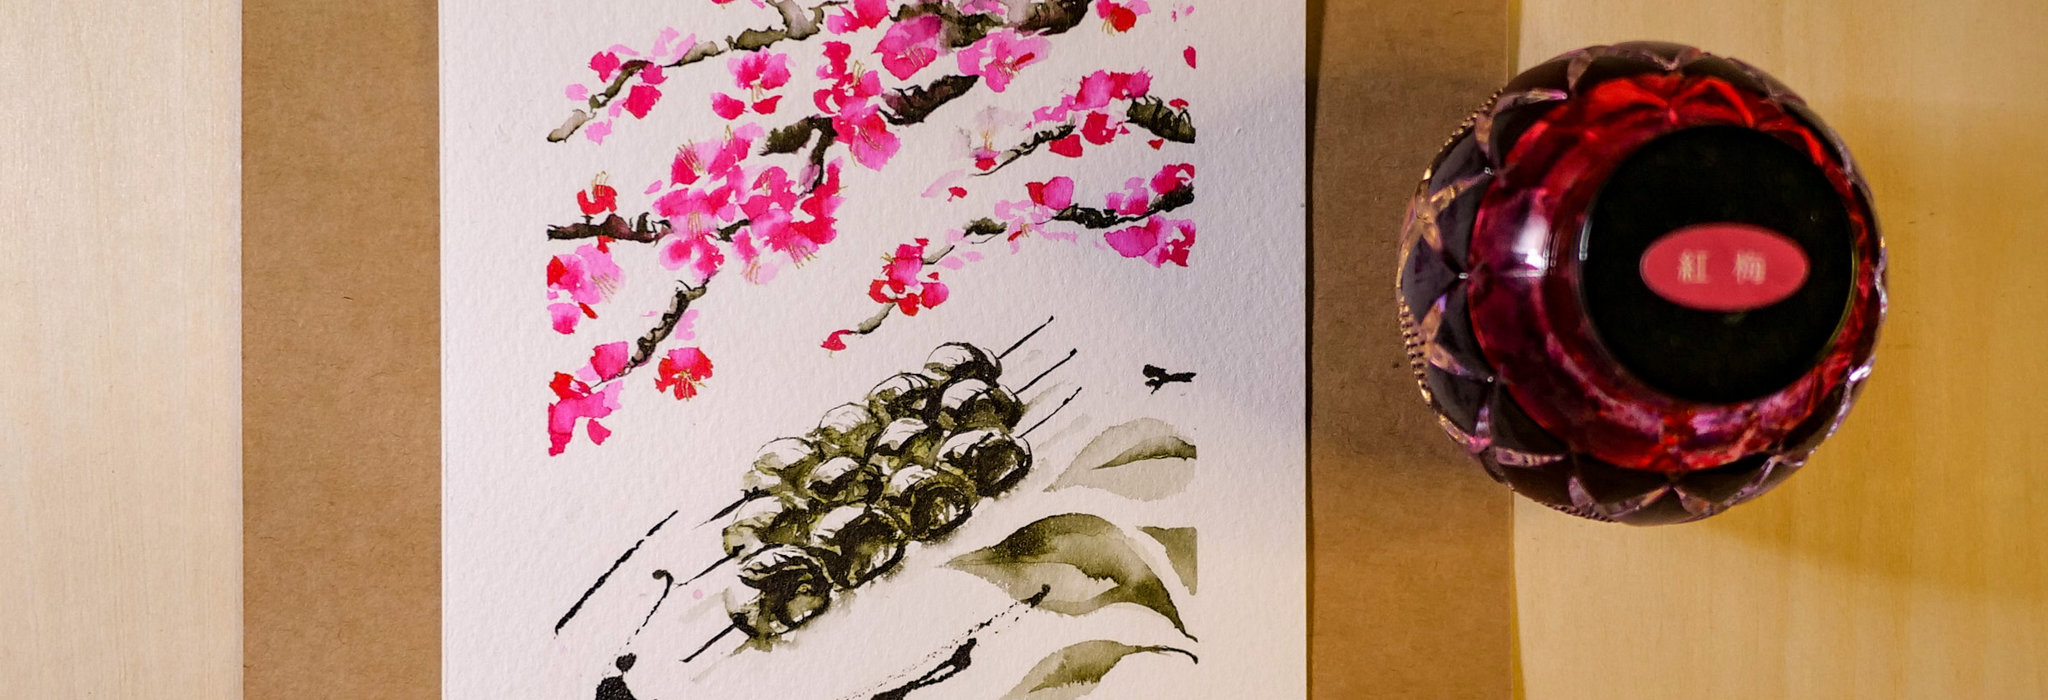 ご当地インク×万年筆イラストで全国旅気分。万年筆画家・サトウヒロシが描く「群馬県」編_image